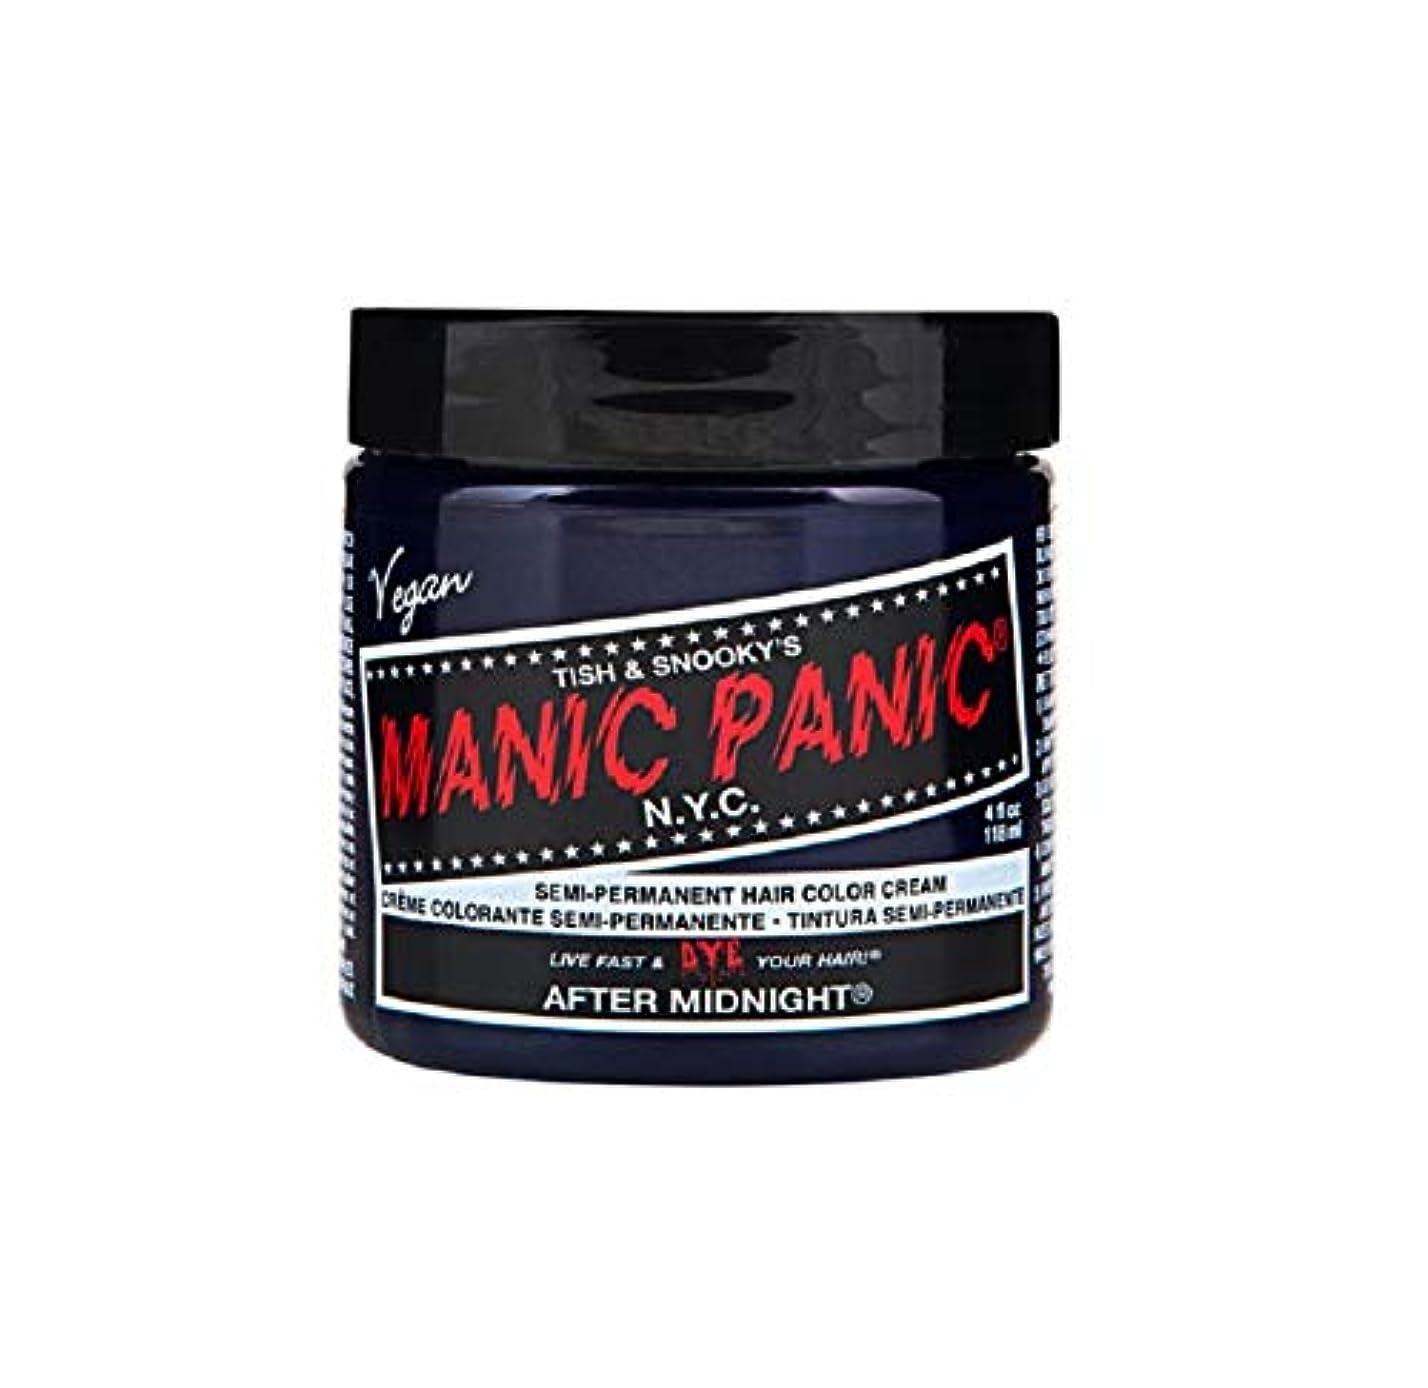 適度な災難耳マニックパニック MANIC PANIC ヘアカラー 118mlアフターミッドナイト ヘアーカラー